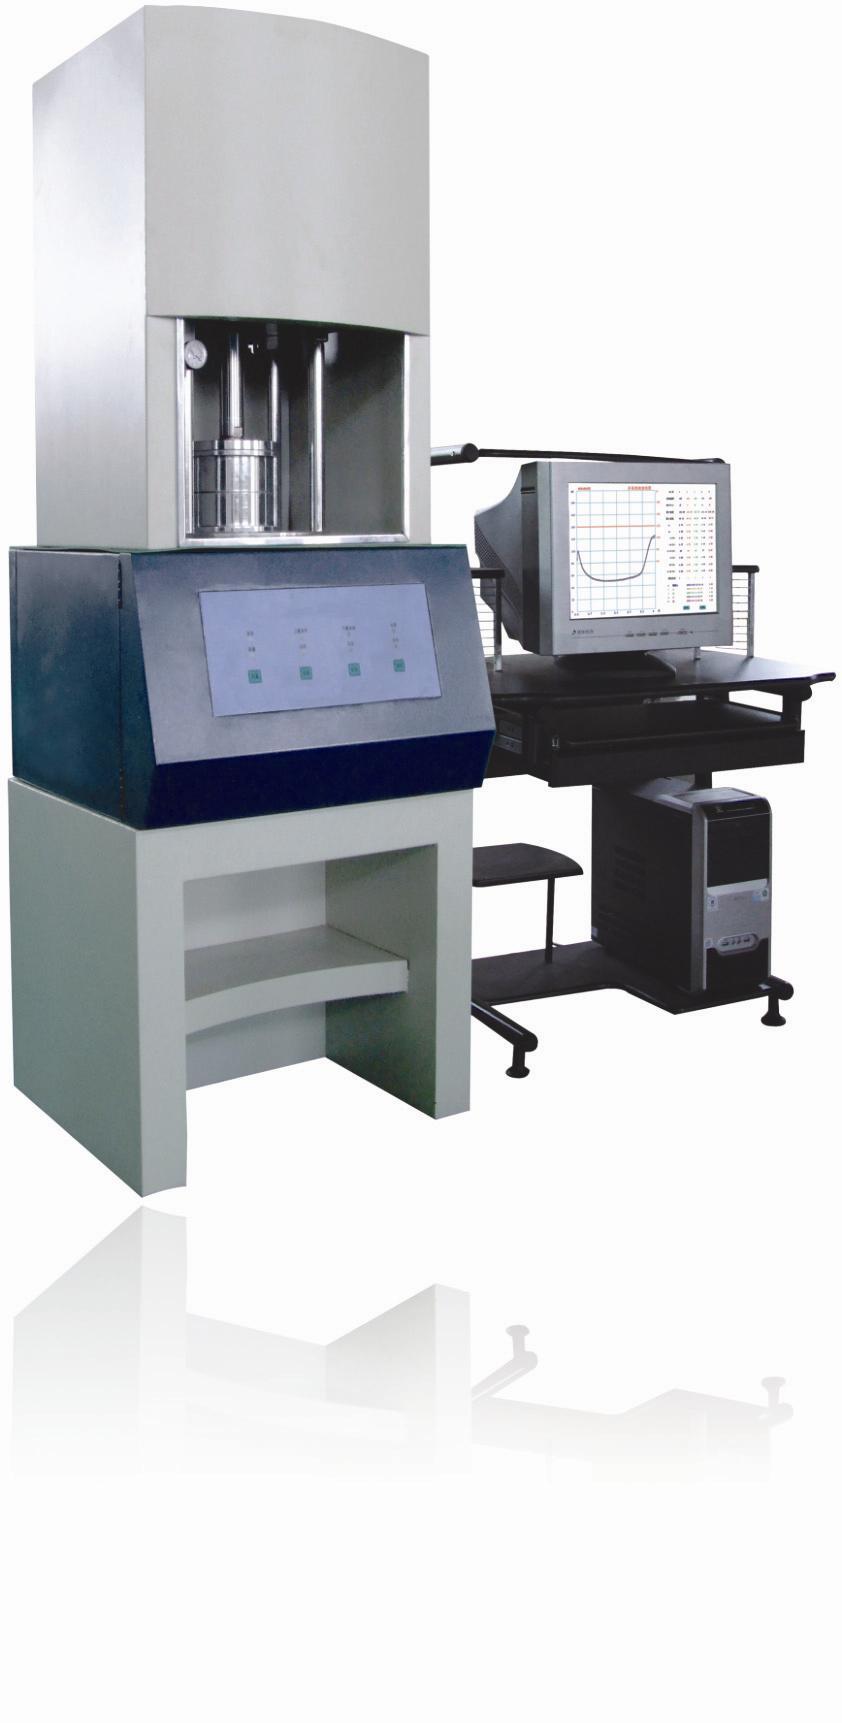 橡胶无转子硫化仪的原理与作用之知识详解